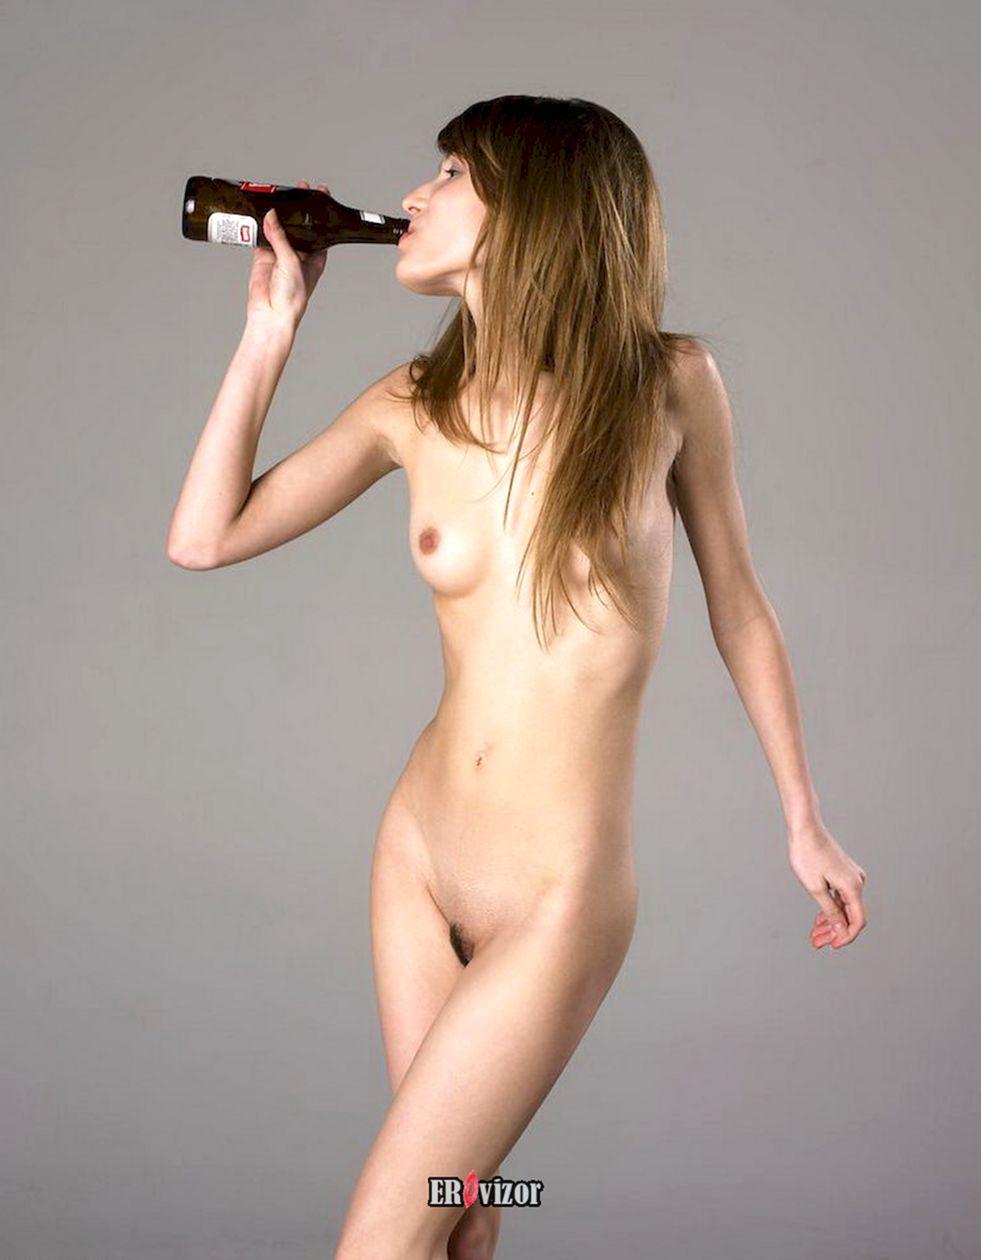 девушка голая пьет пиво